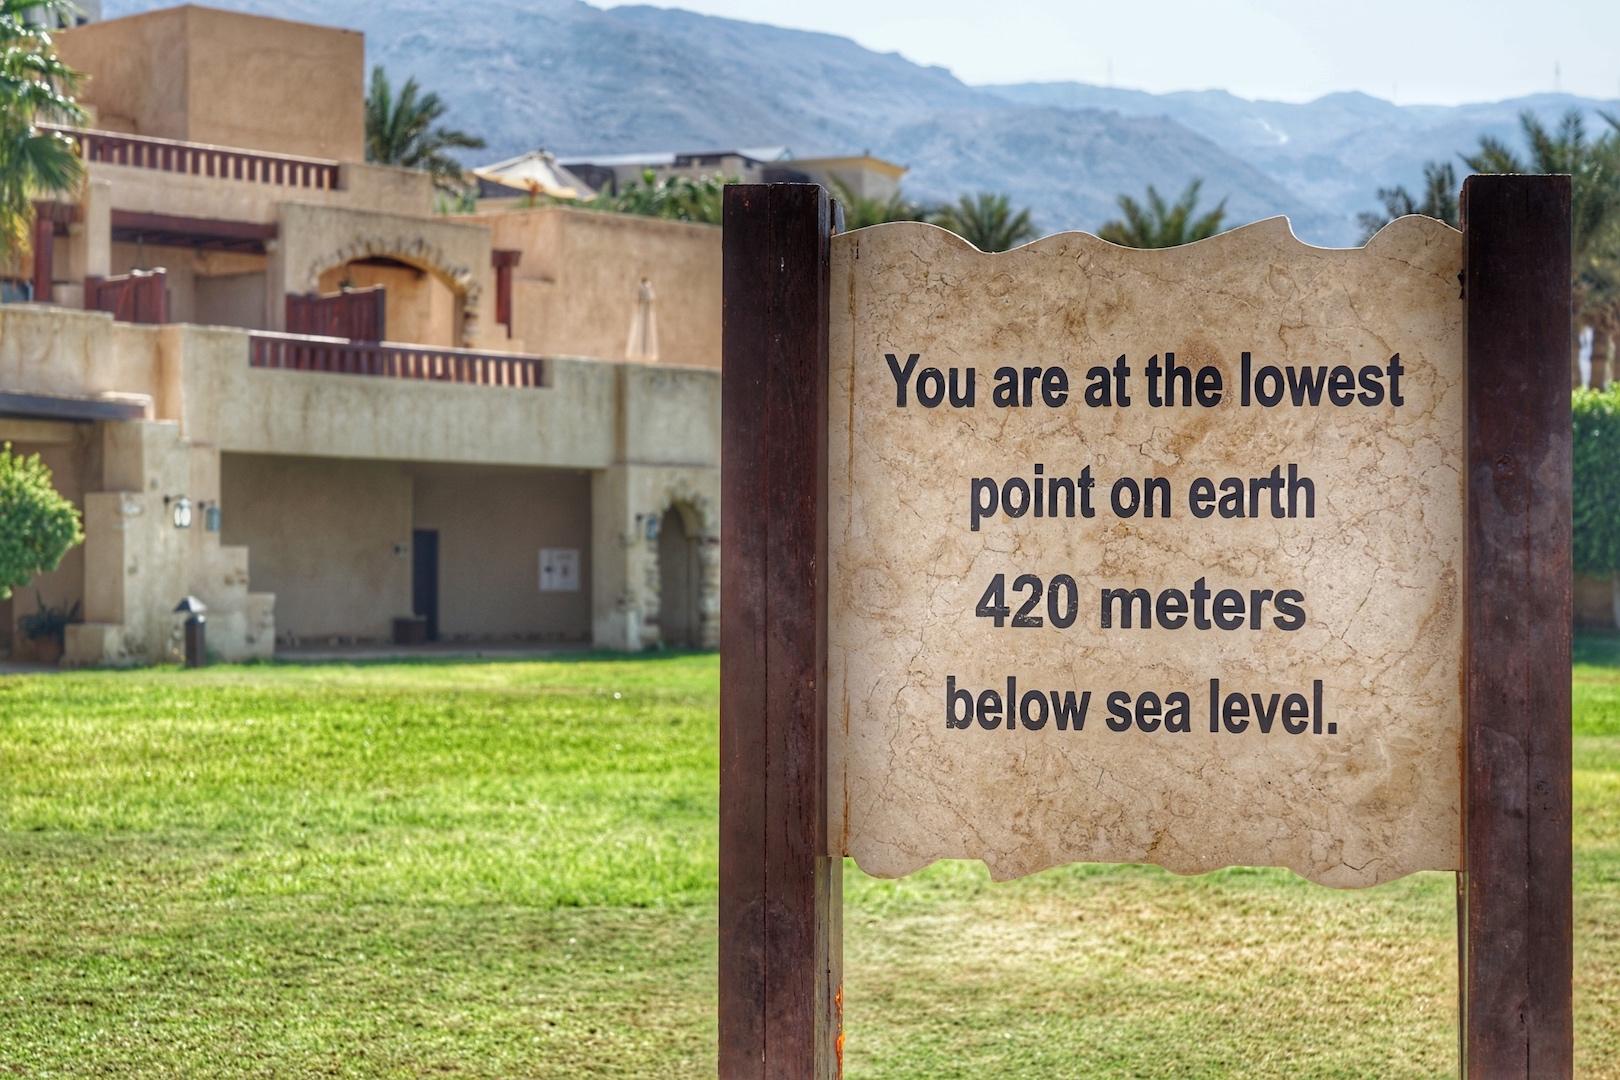 Am unteren Teil der Anlage befindet sich der Hinweis, das man sich am tiefsten Punkt der Erde befindet